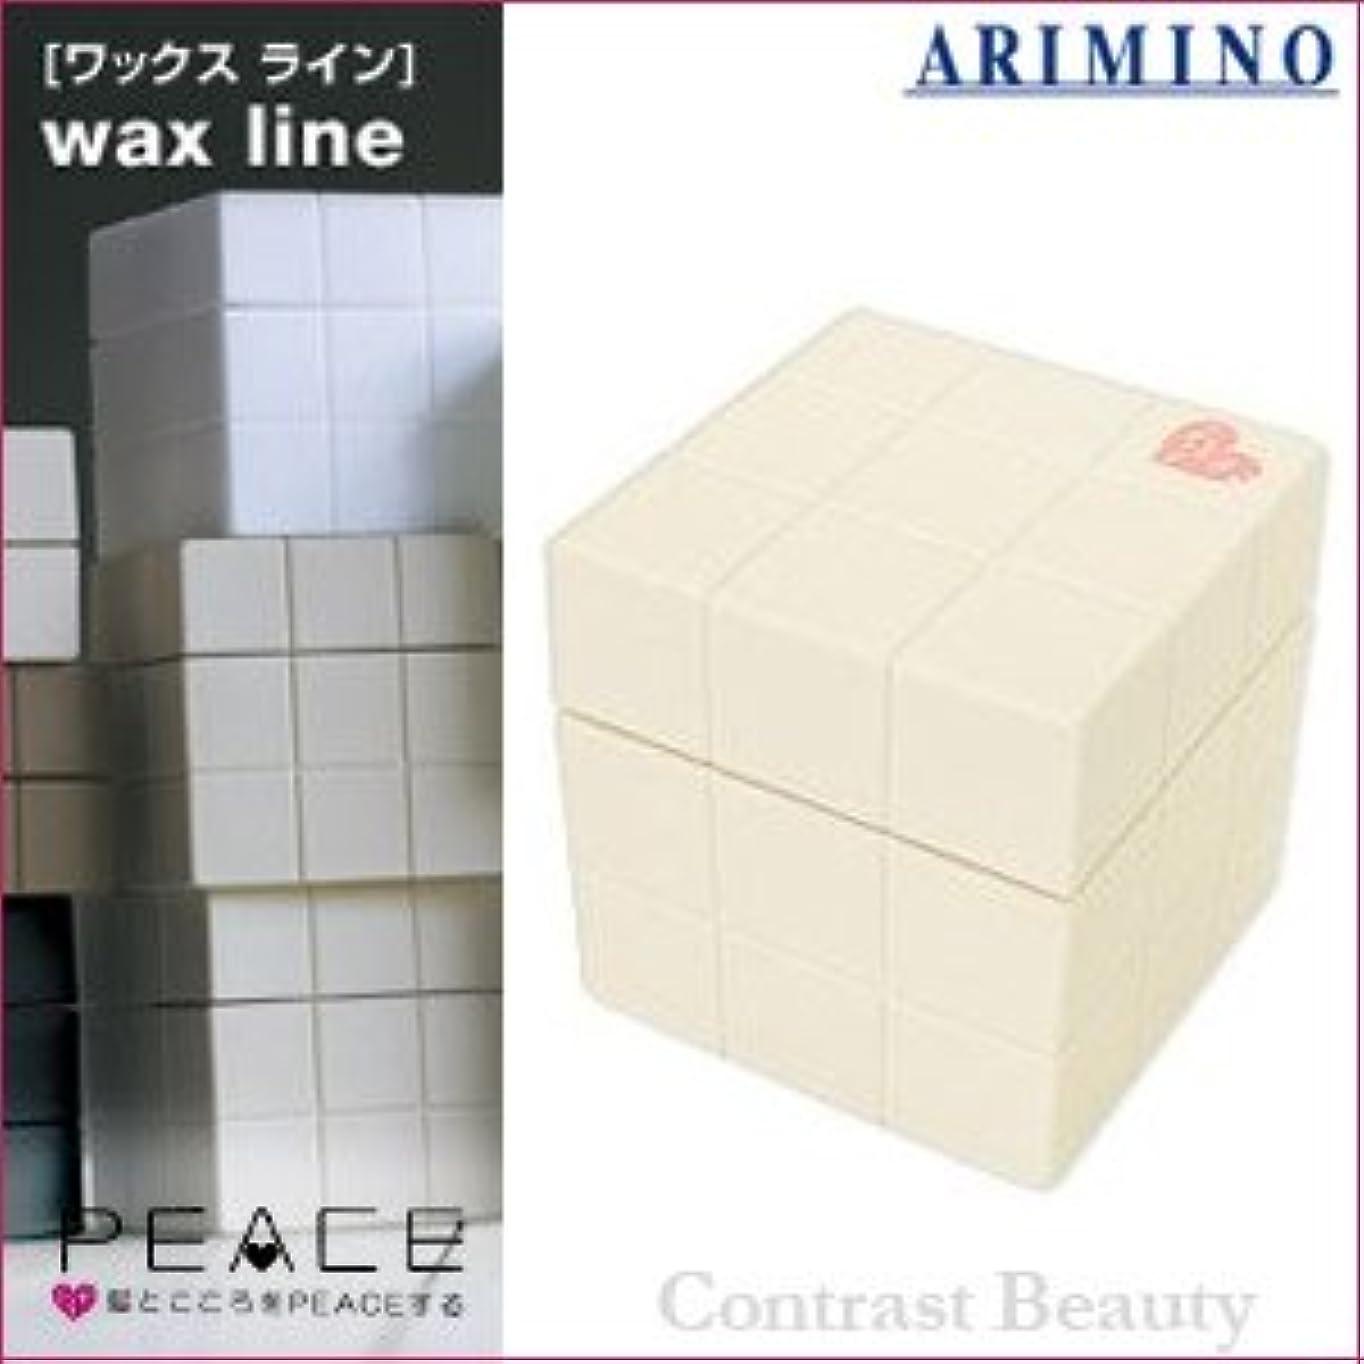 束静けさもちろん【x3個セット】 アリミノ ピース プロデザインシリーズ ニュアンスワックス バニラ 80g